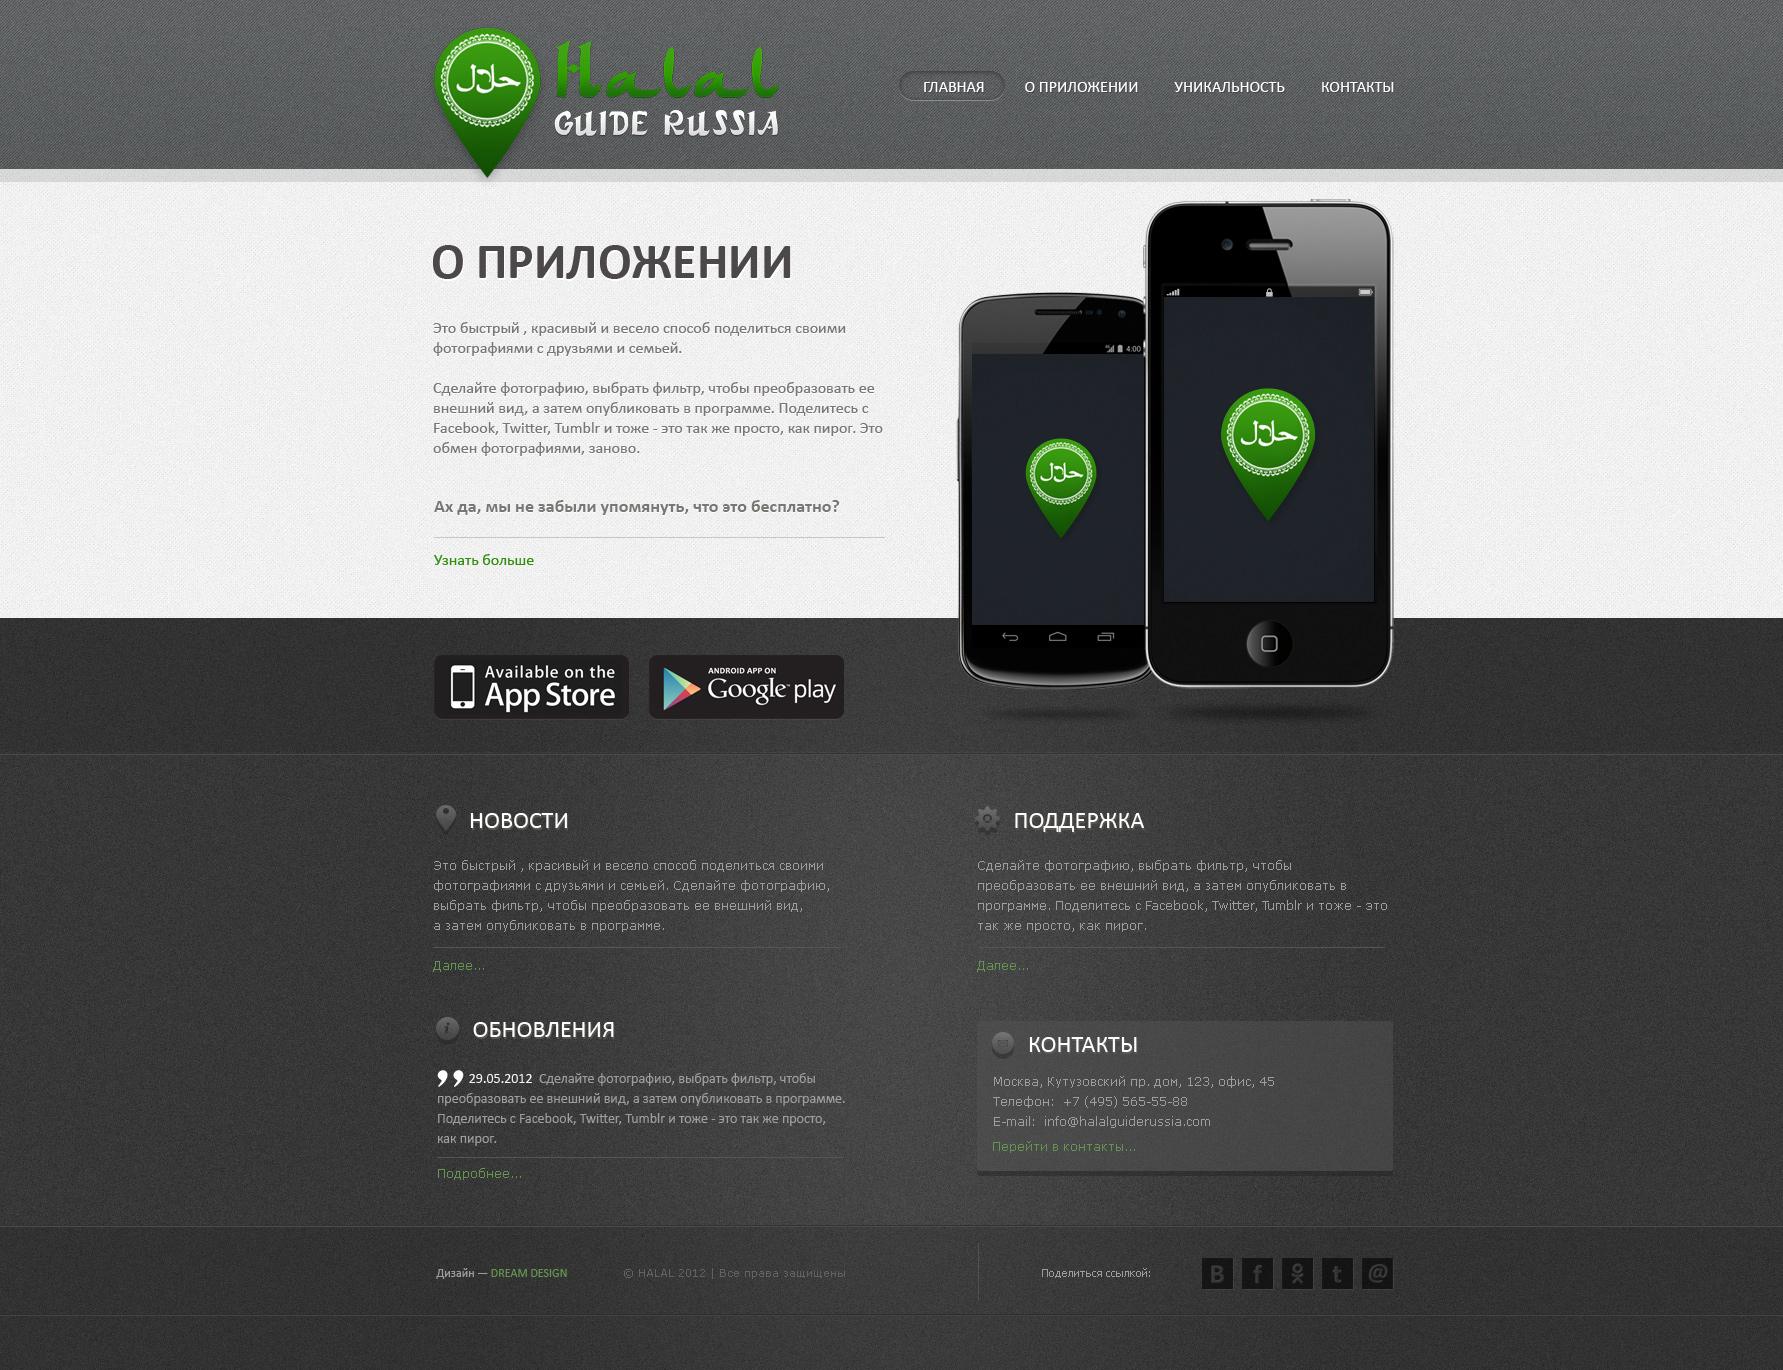 HALAL - сайт мобильного приложения